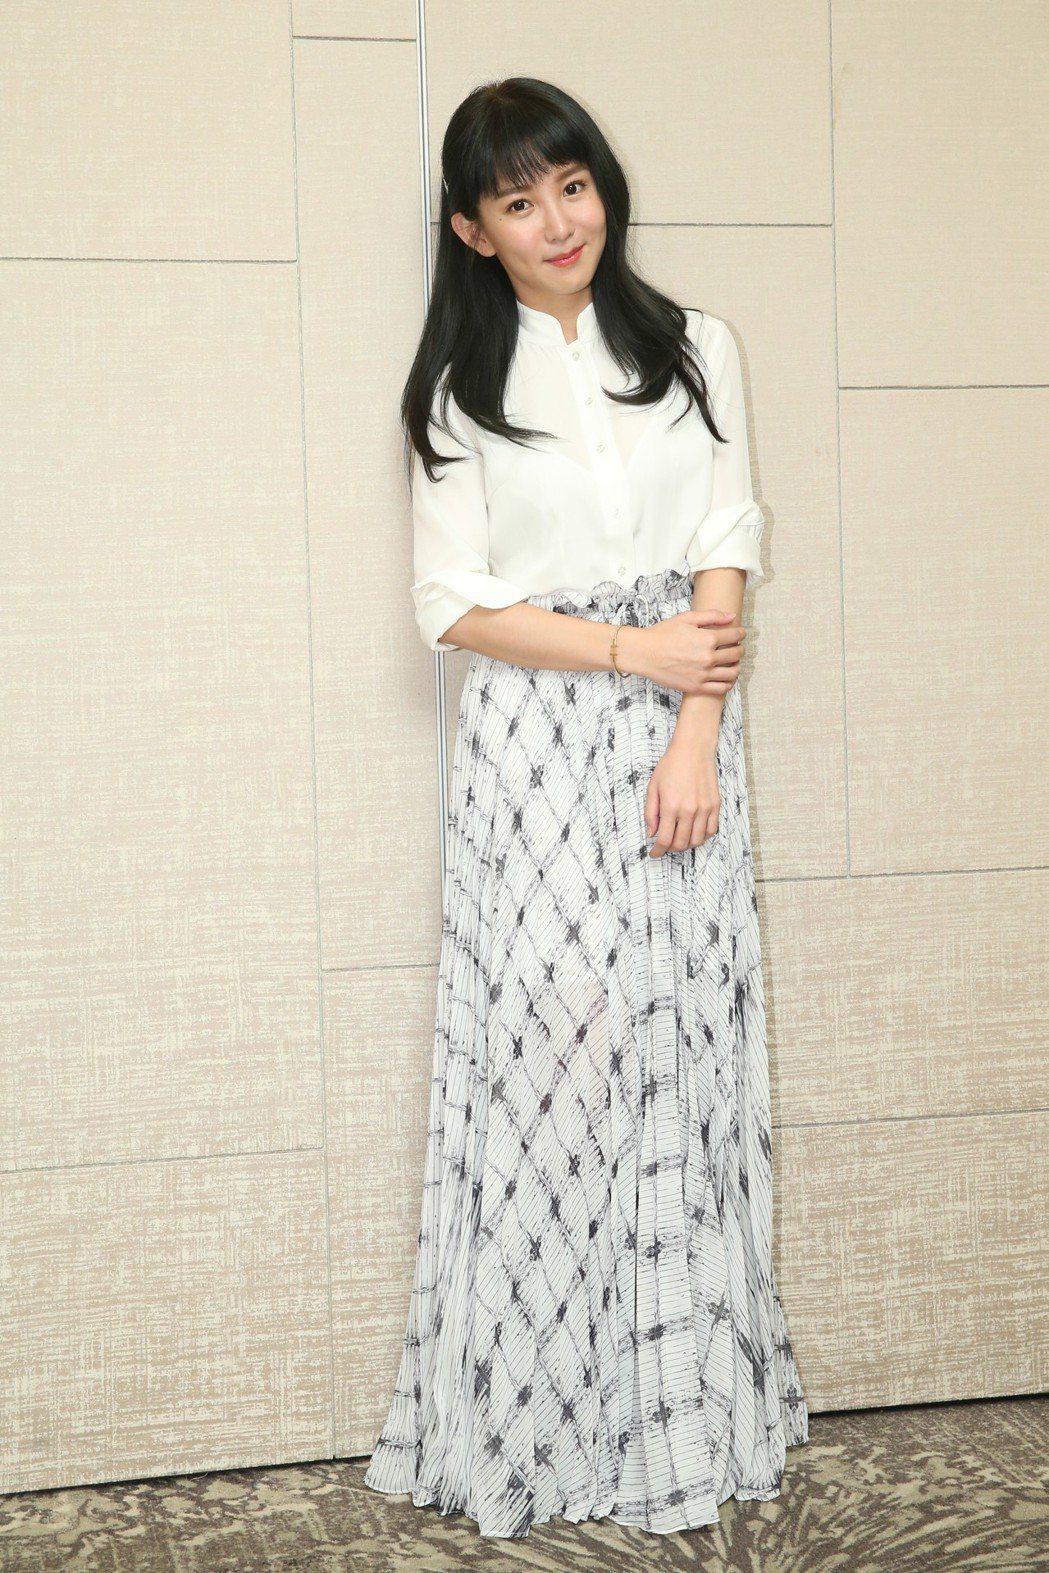 最佳女主角入圍者郭書瑤昨天出席台北電影獎入圍酒會。記者葉信菉/攝影 葉信菉